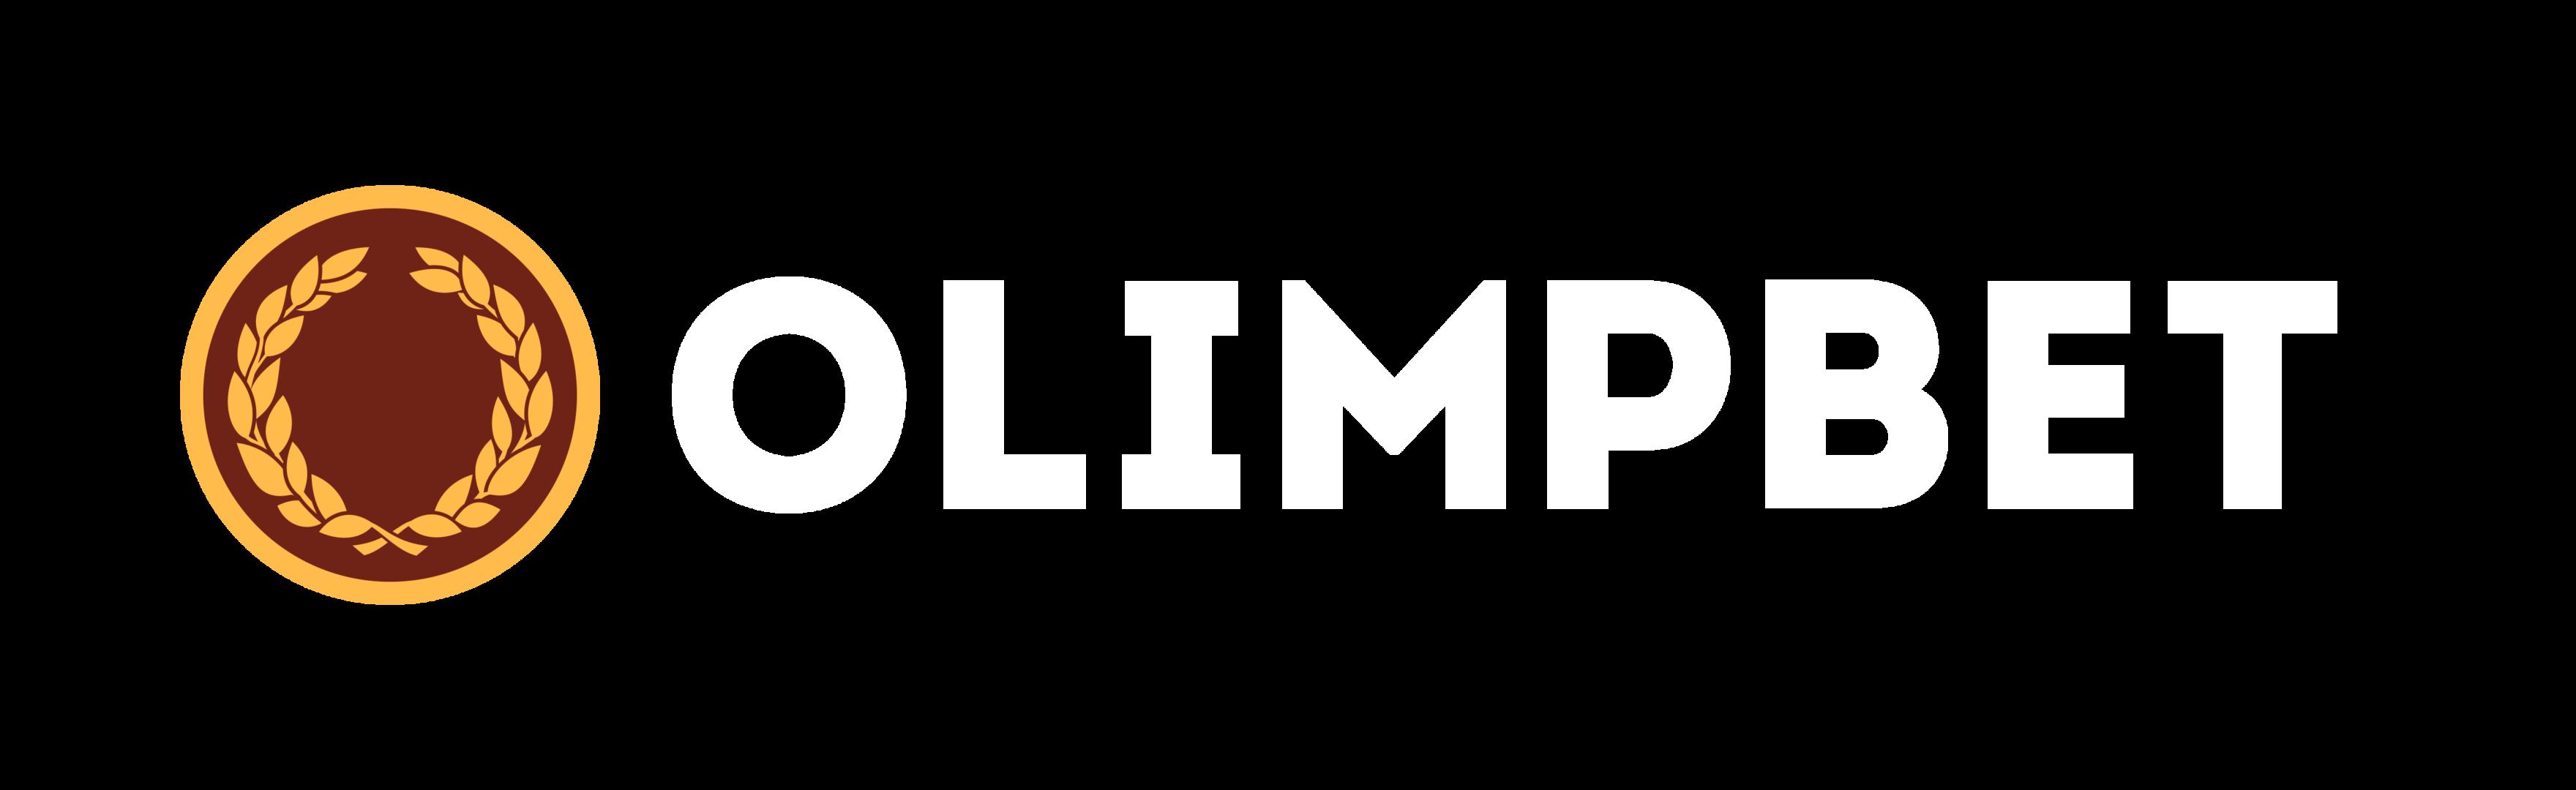 olimpbet-horizontal